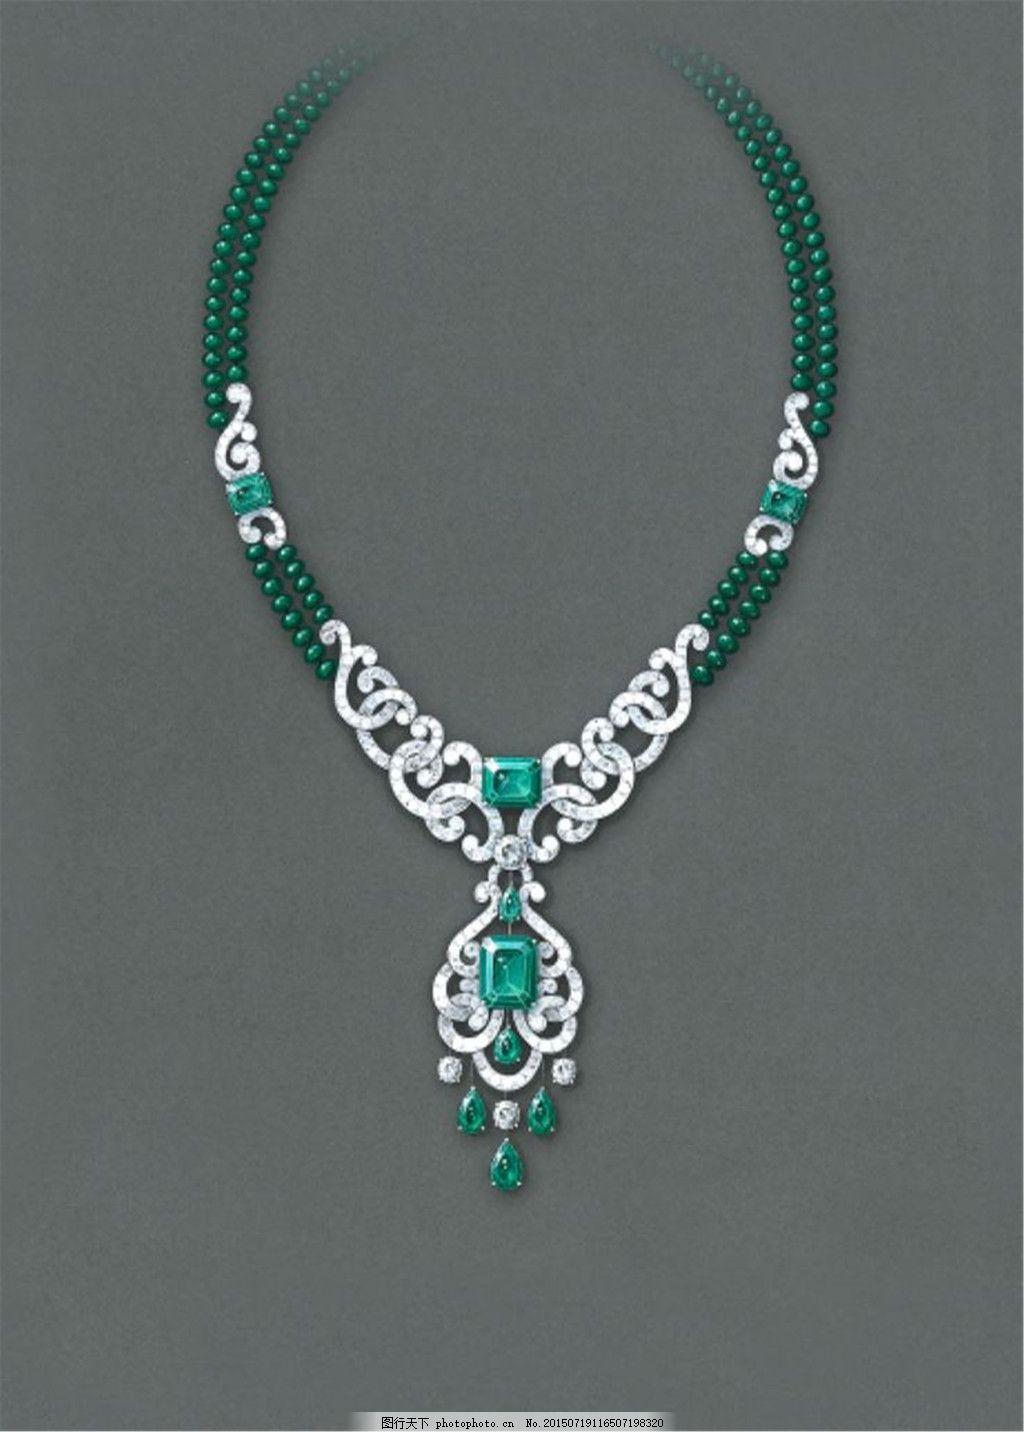 彩色美丽项链珠宝图片设计